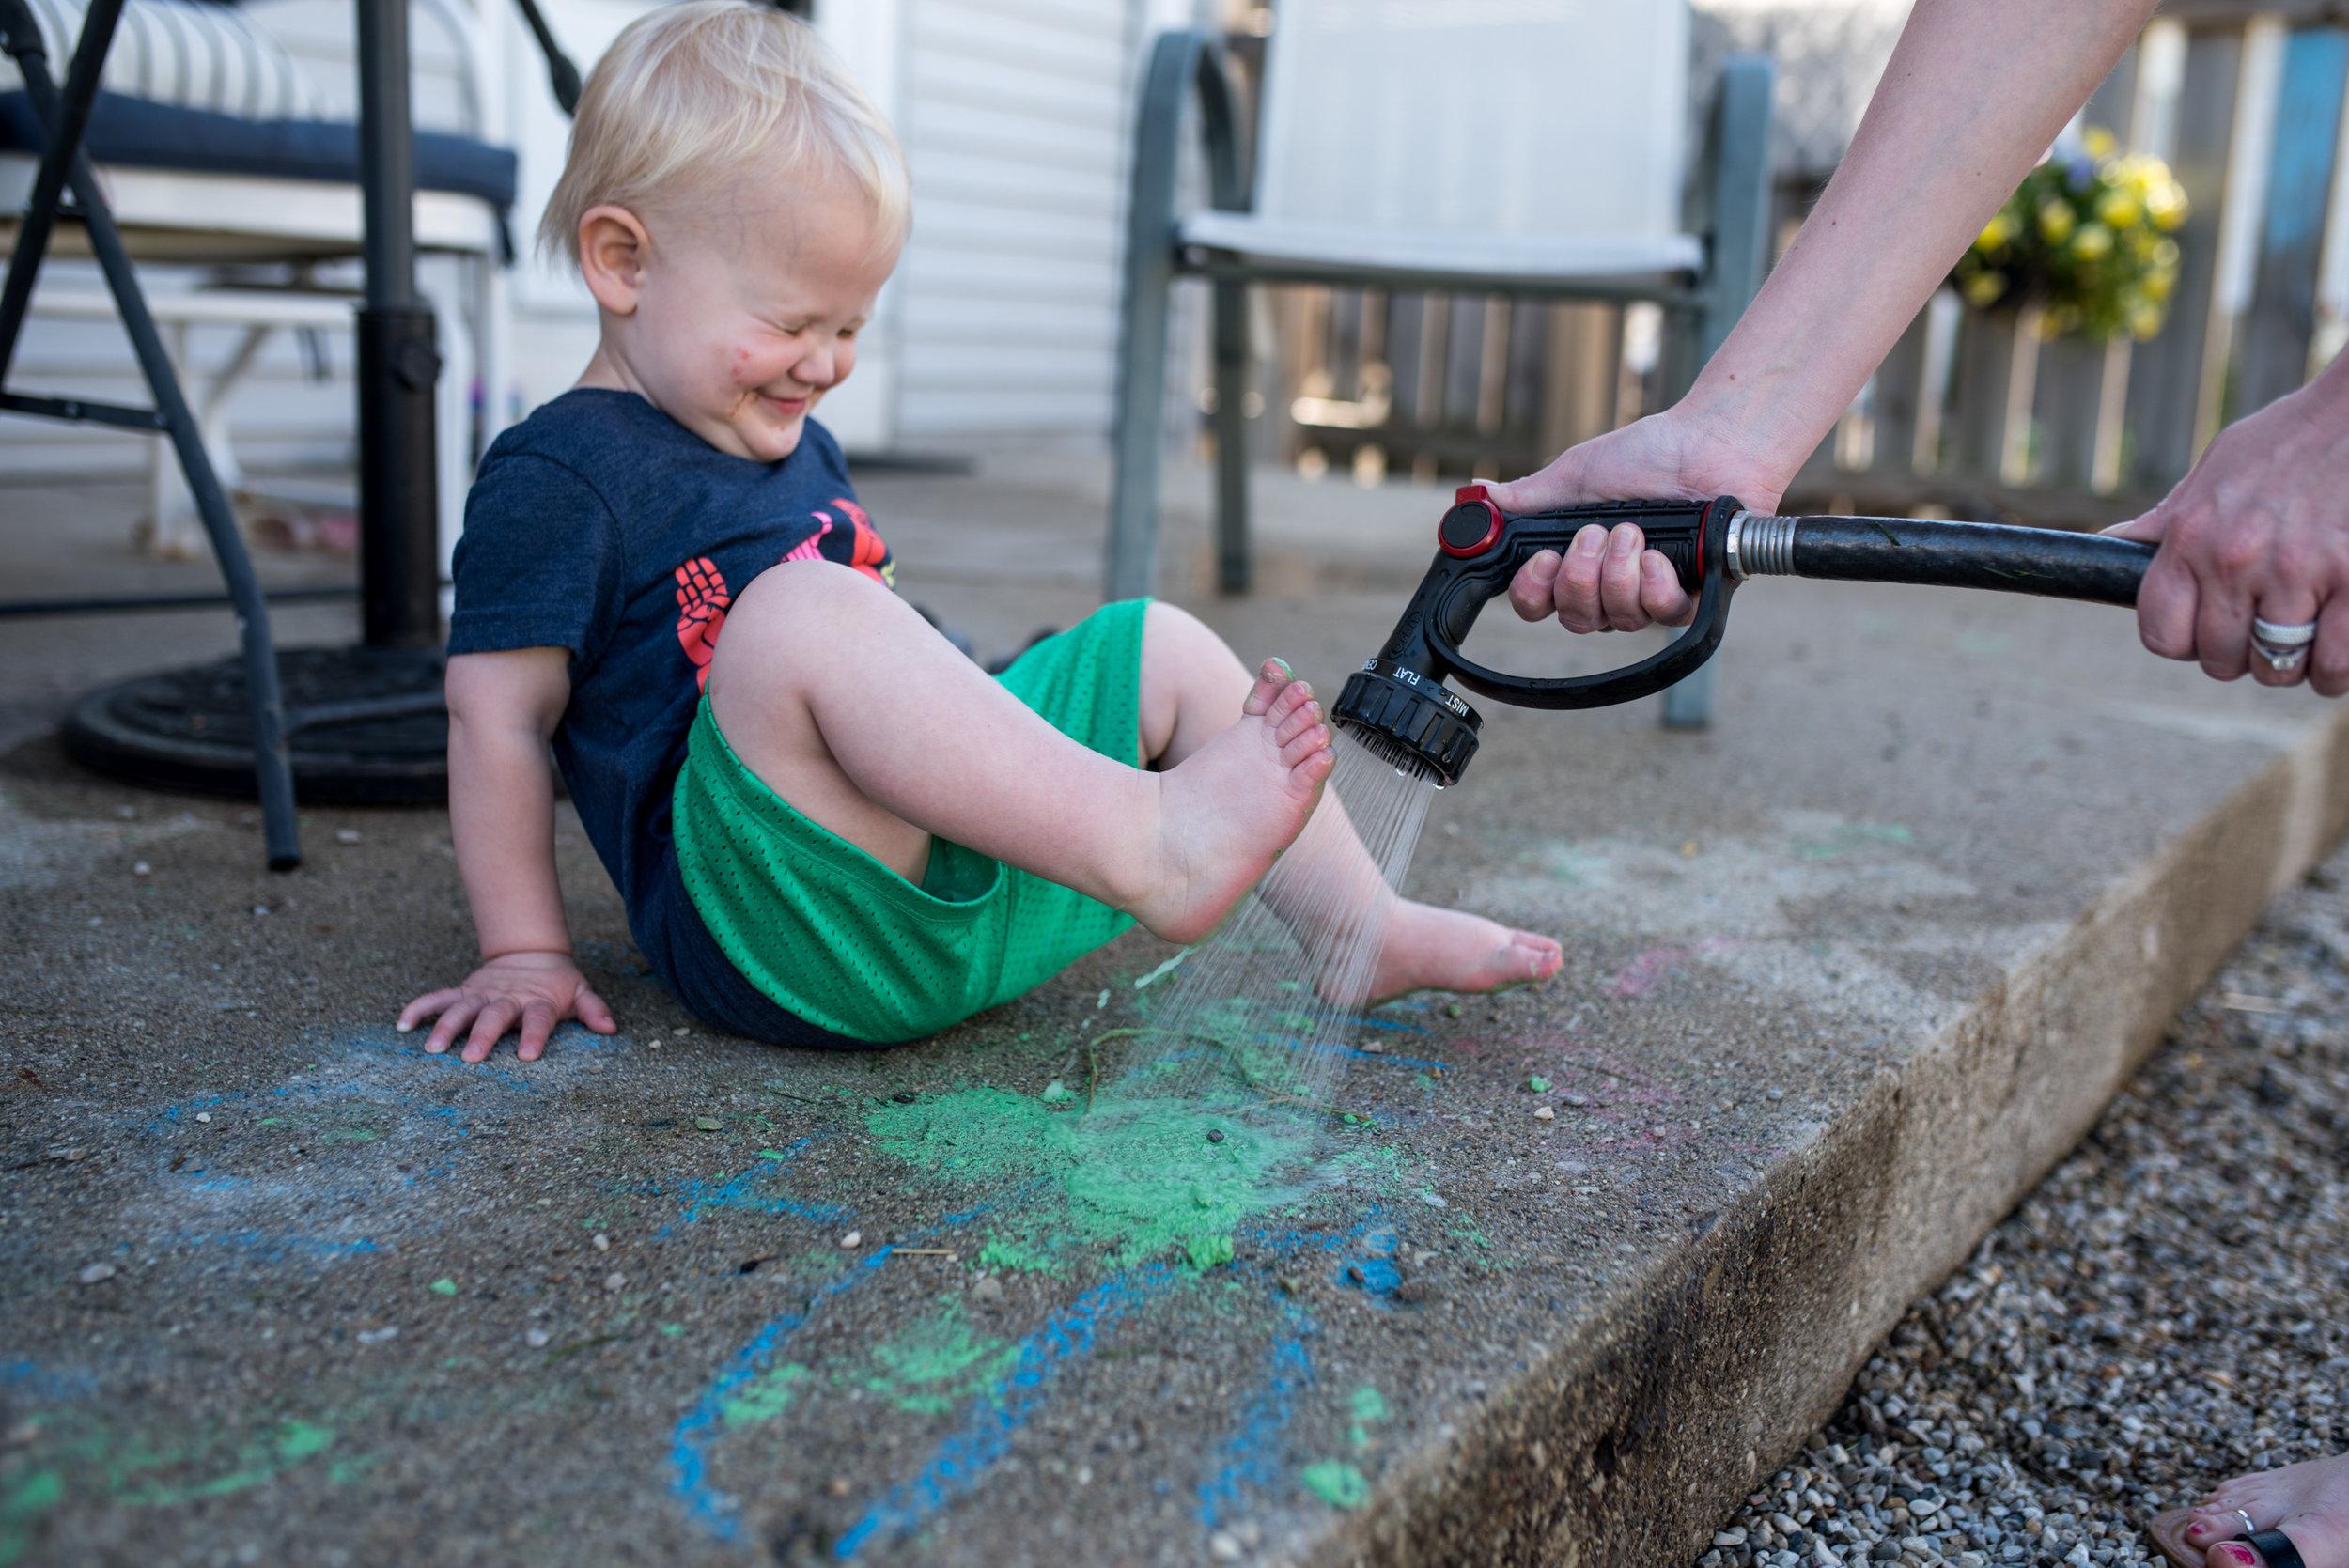 Son getting grassy feet sprayed off by hose